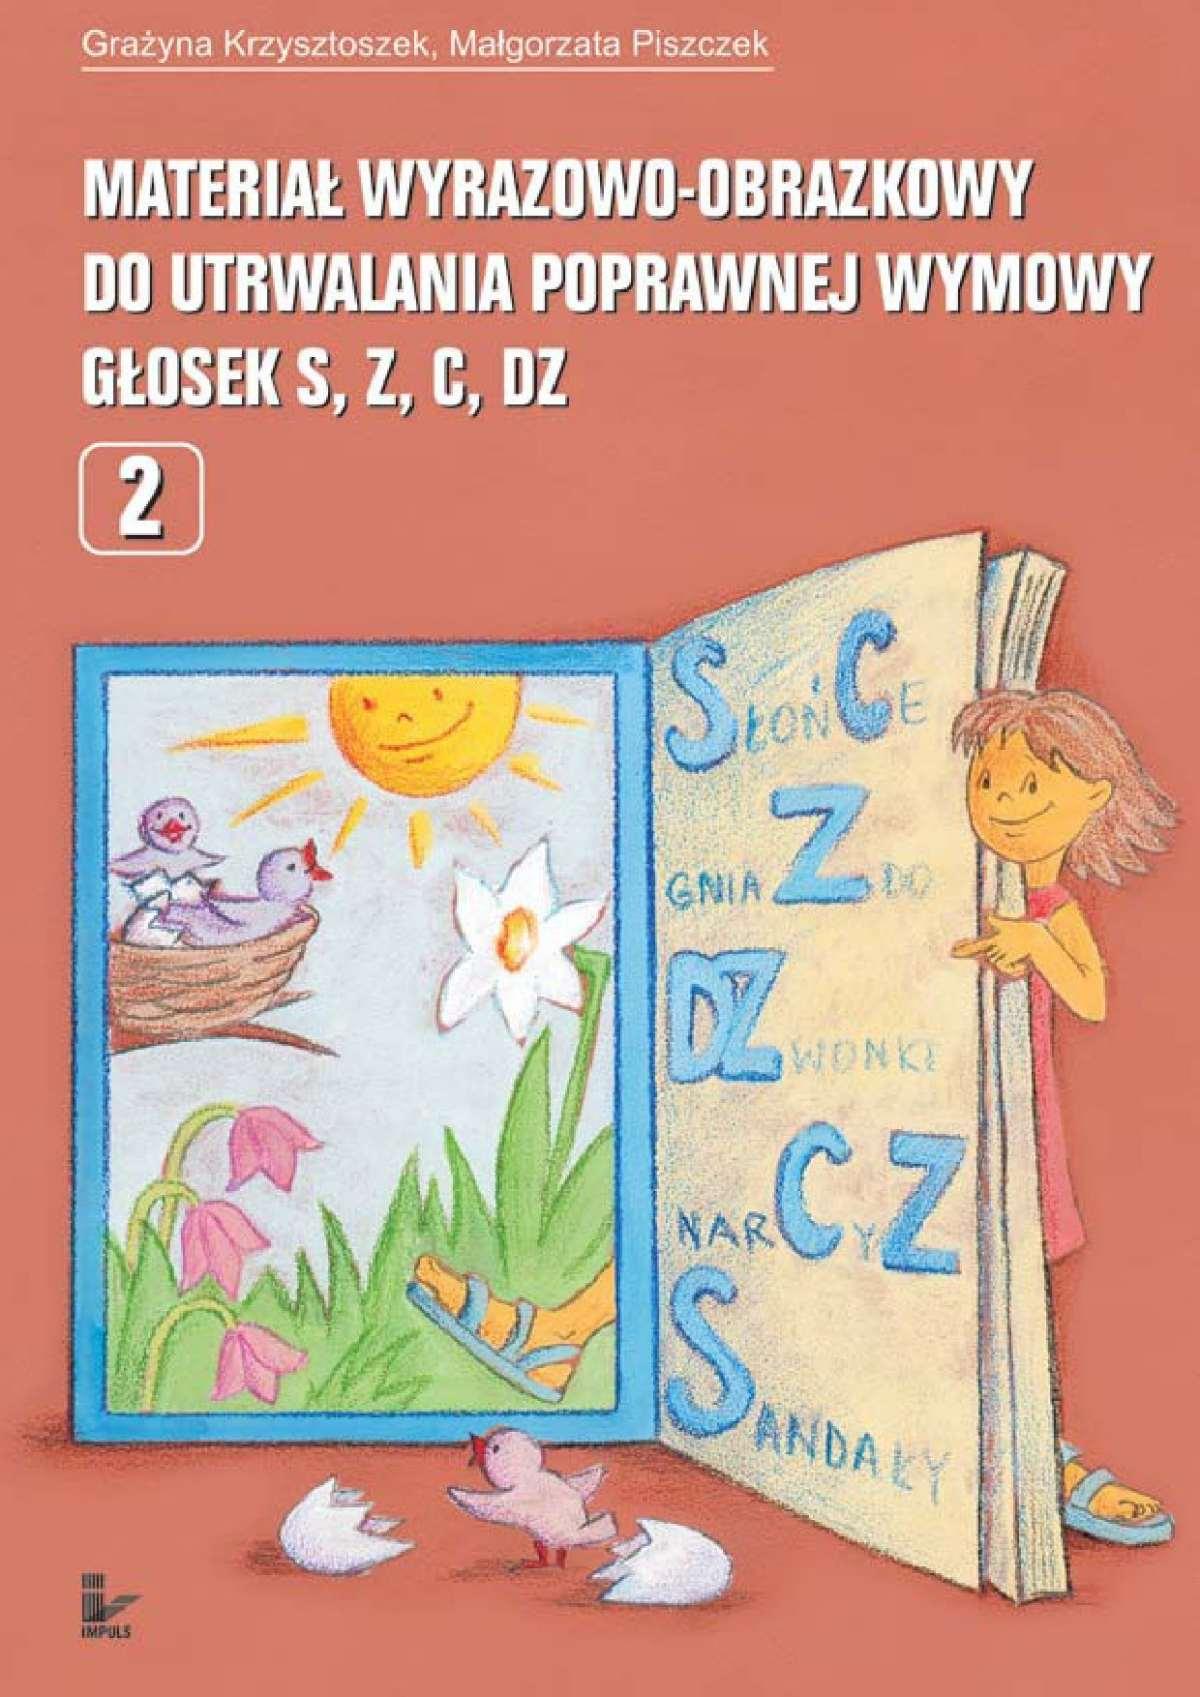 Materiał wyrazowo-obrazkowy do utrwalania poprawnej wymowy głosek s, z, c, dz - Ebook (Książka PDF) do pobrania w formacie PDF